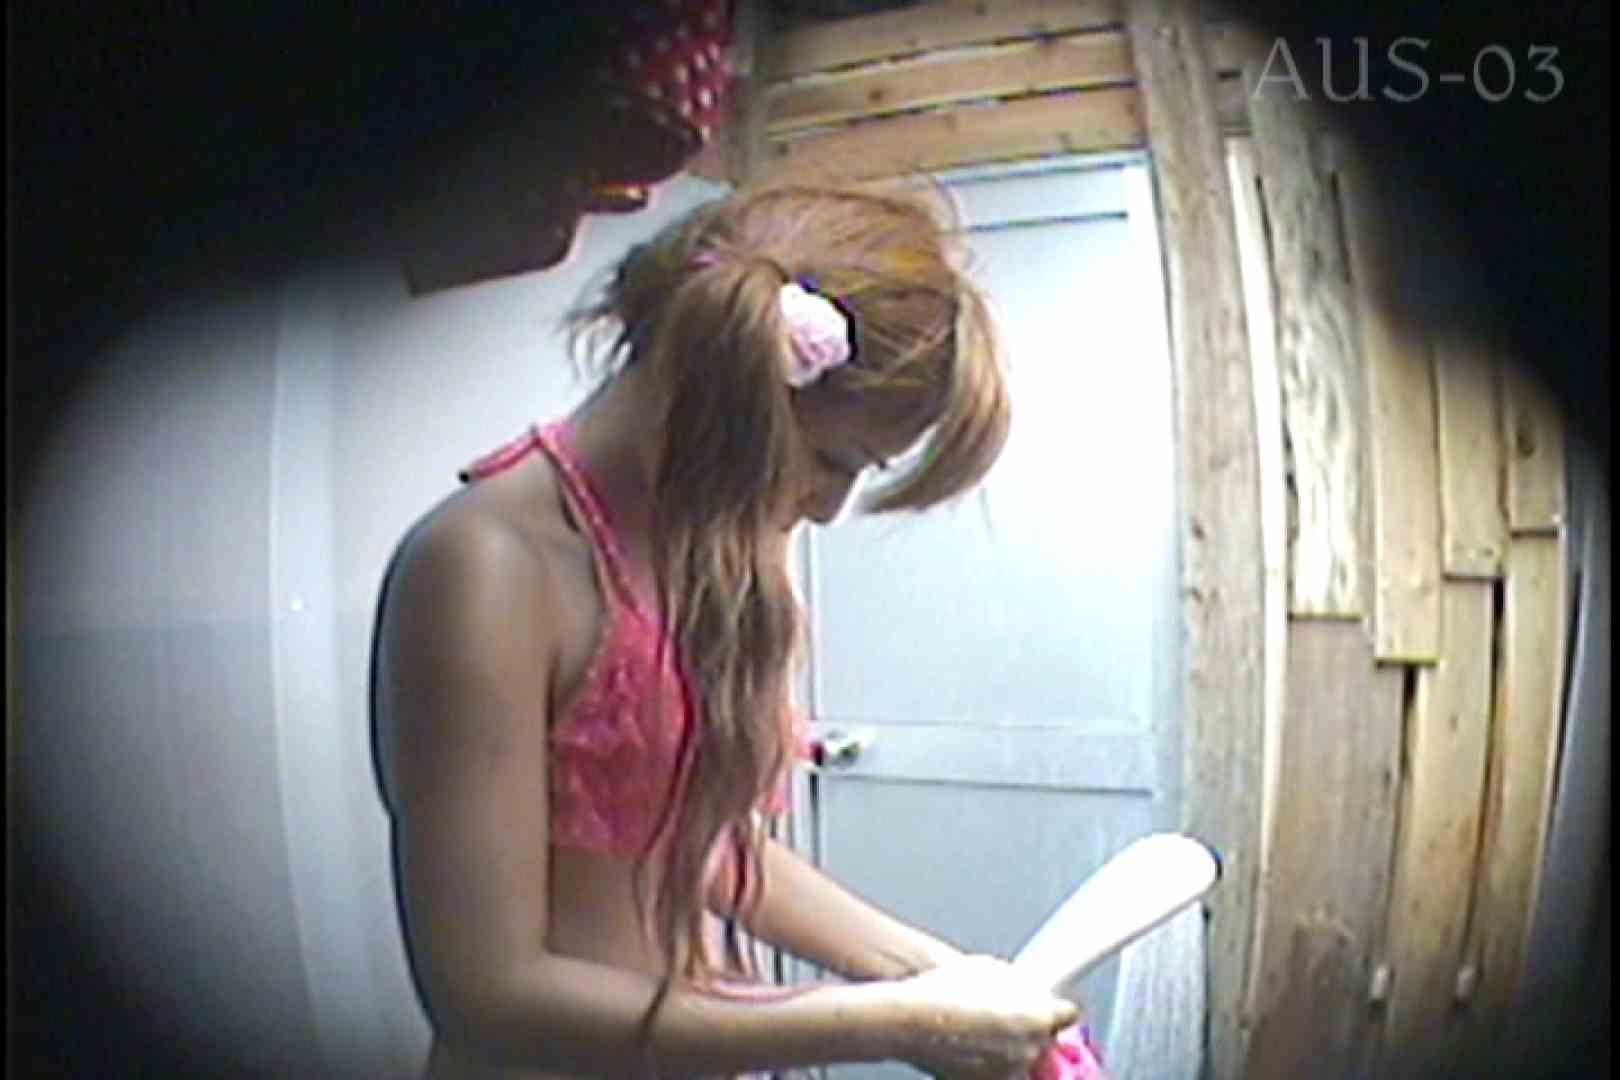 海の家の更衣室 Vol.14 桃色乳首 えろ無修正画像 100枚 6